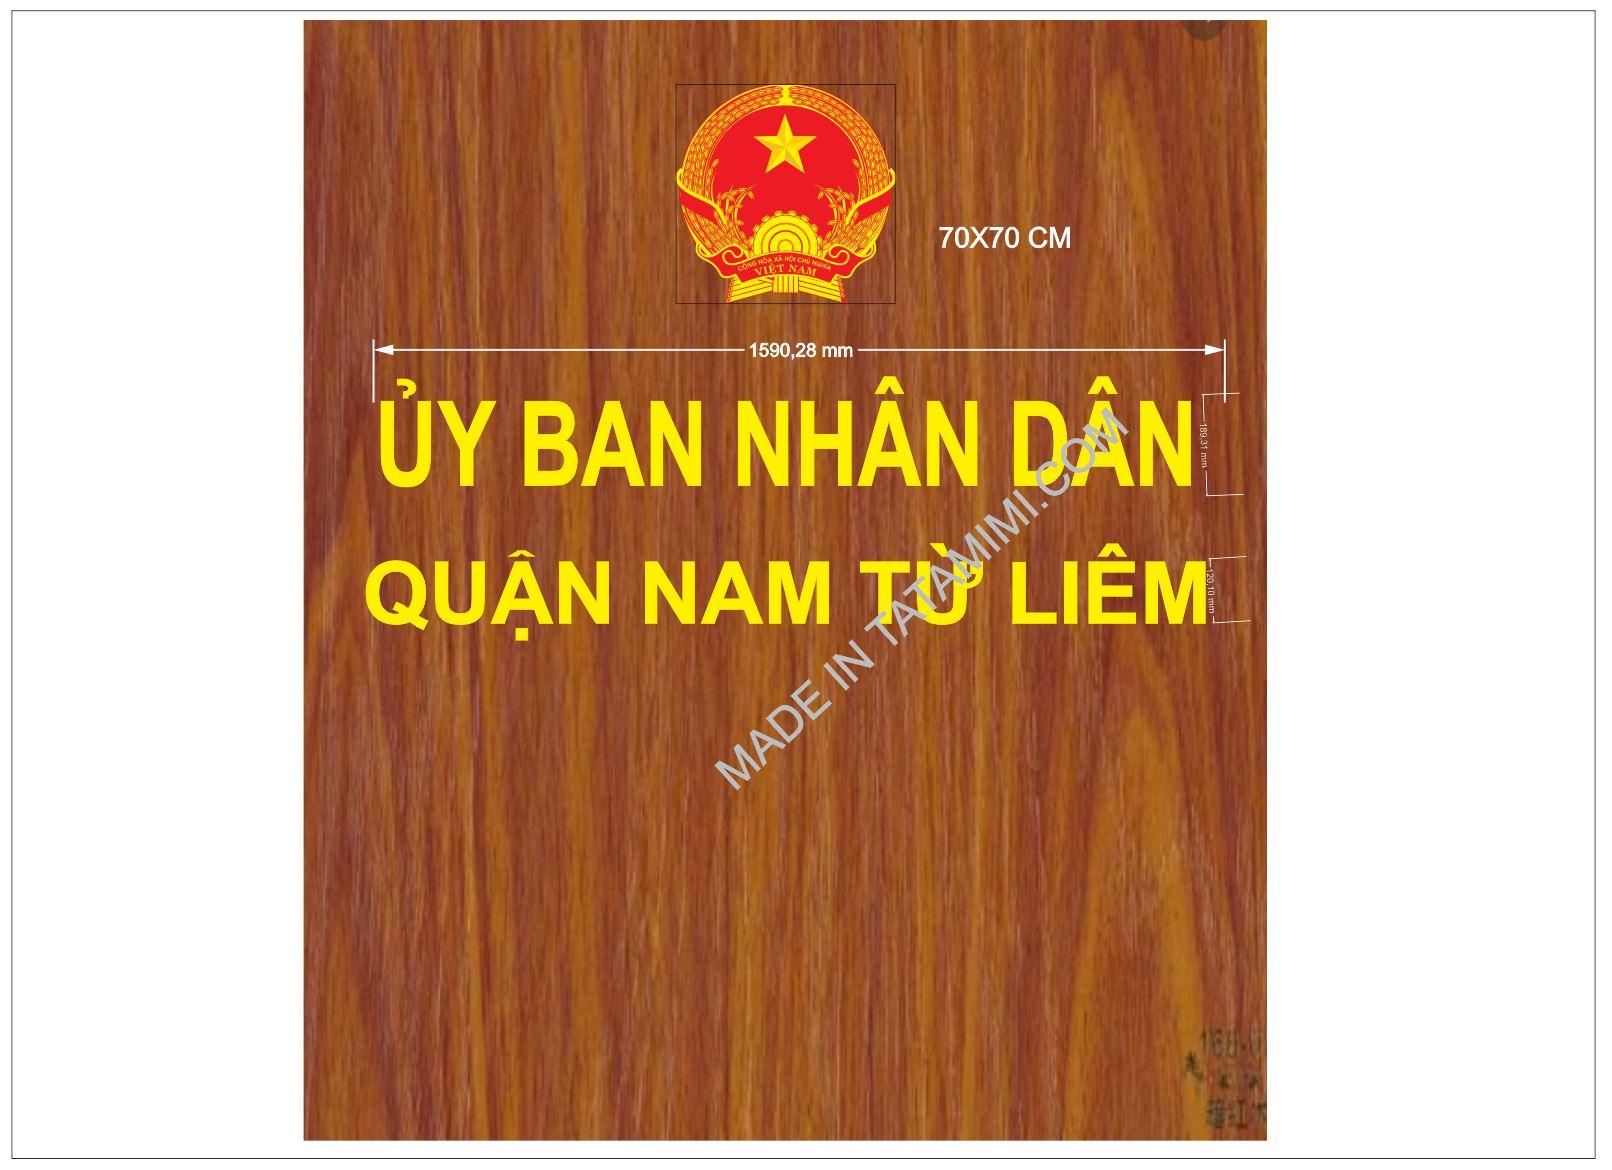 Ốp Alu Vân Gỗ ,Ốp Quốc Huy lên hội trường của ủy ban nhân dân